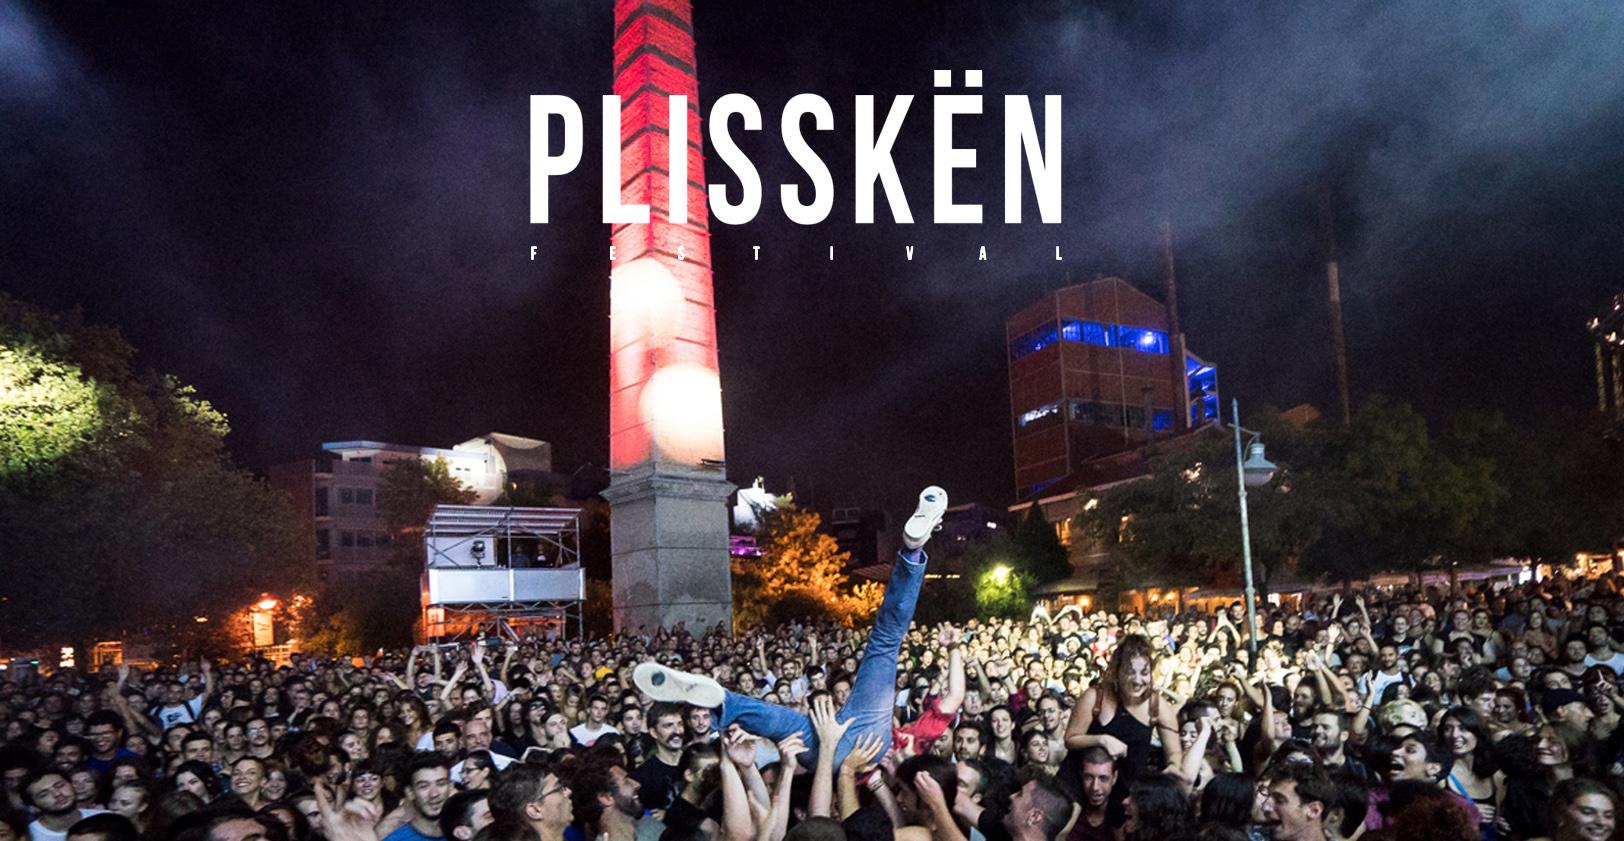 Το Plisskën Festival στις 26 & 27 Ιουνίου στην Τεχνόπολη